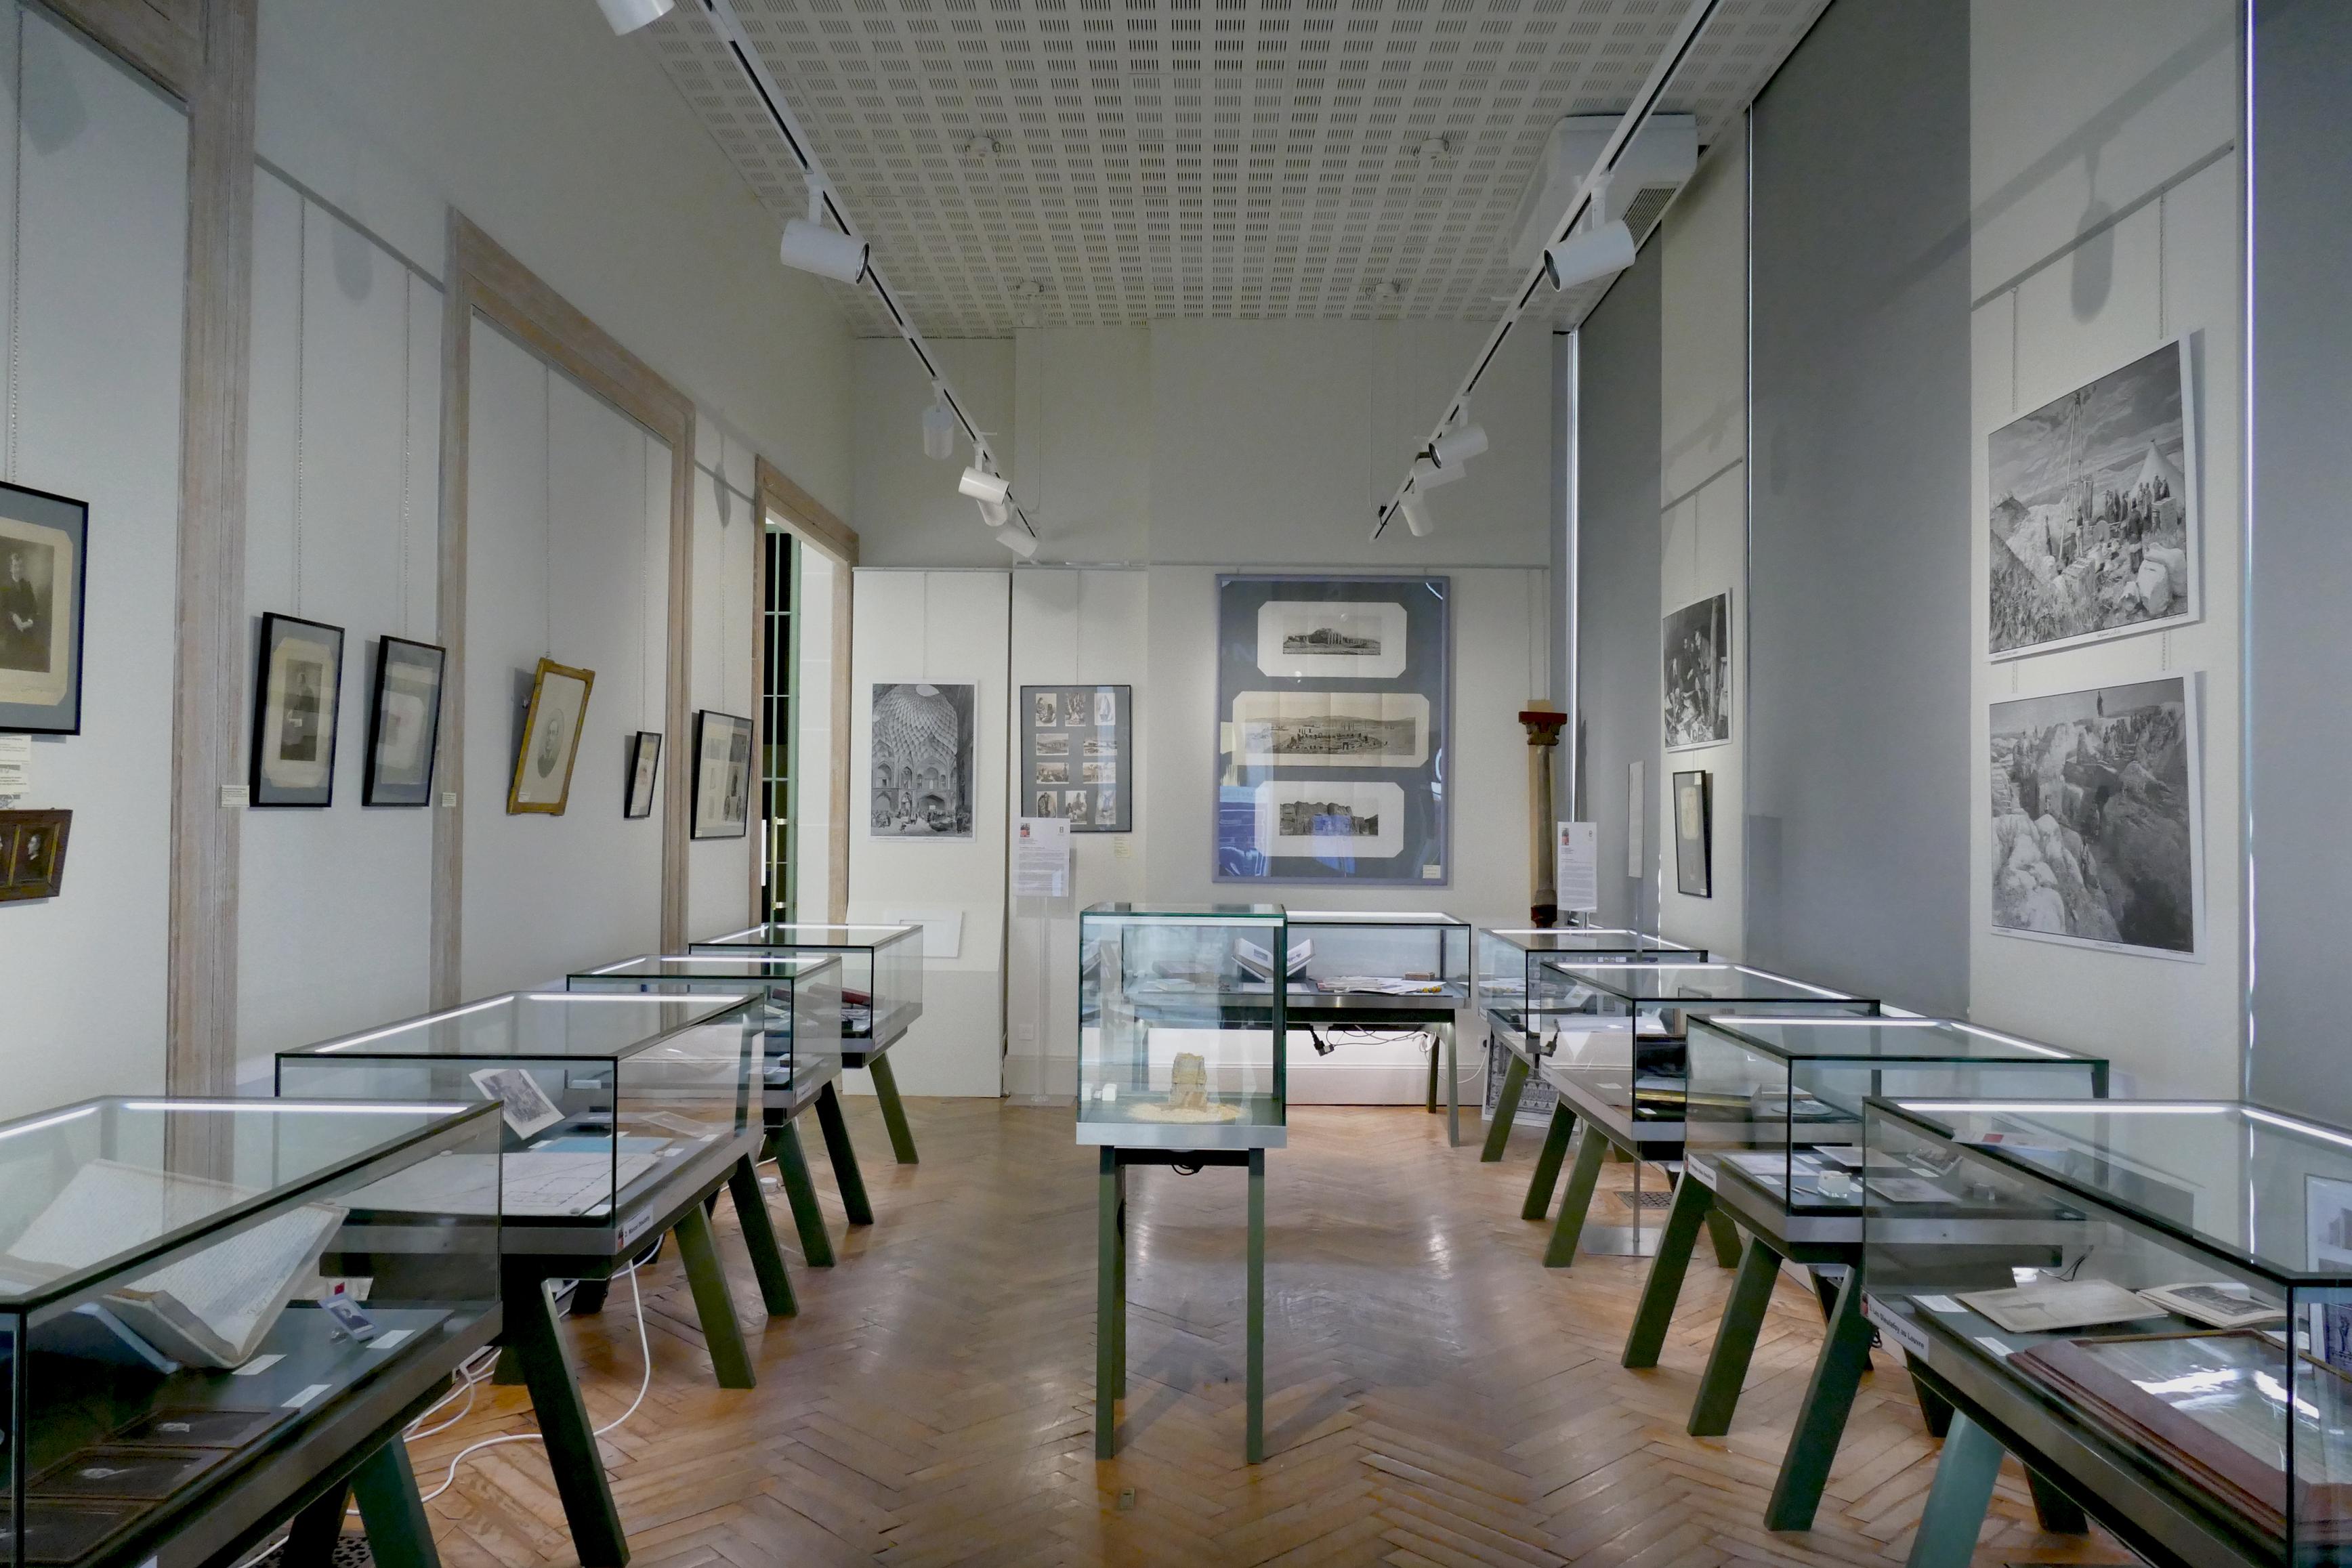 La salle 1 d'exposition